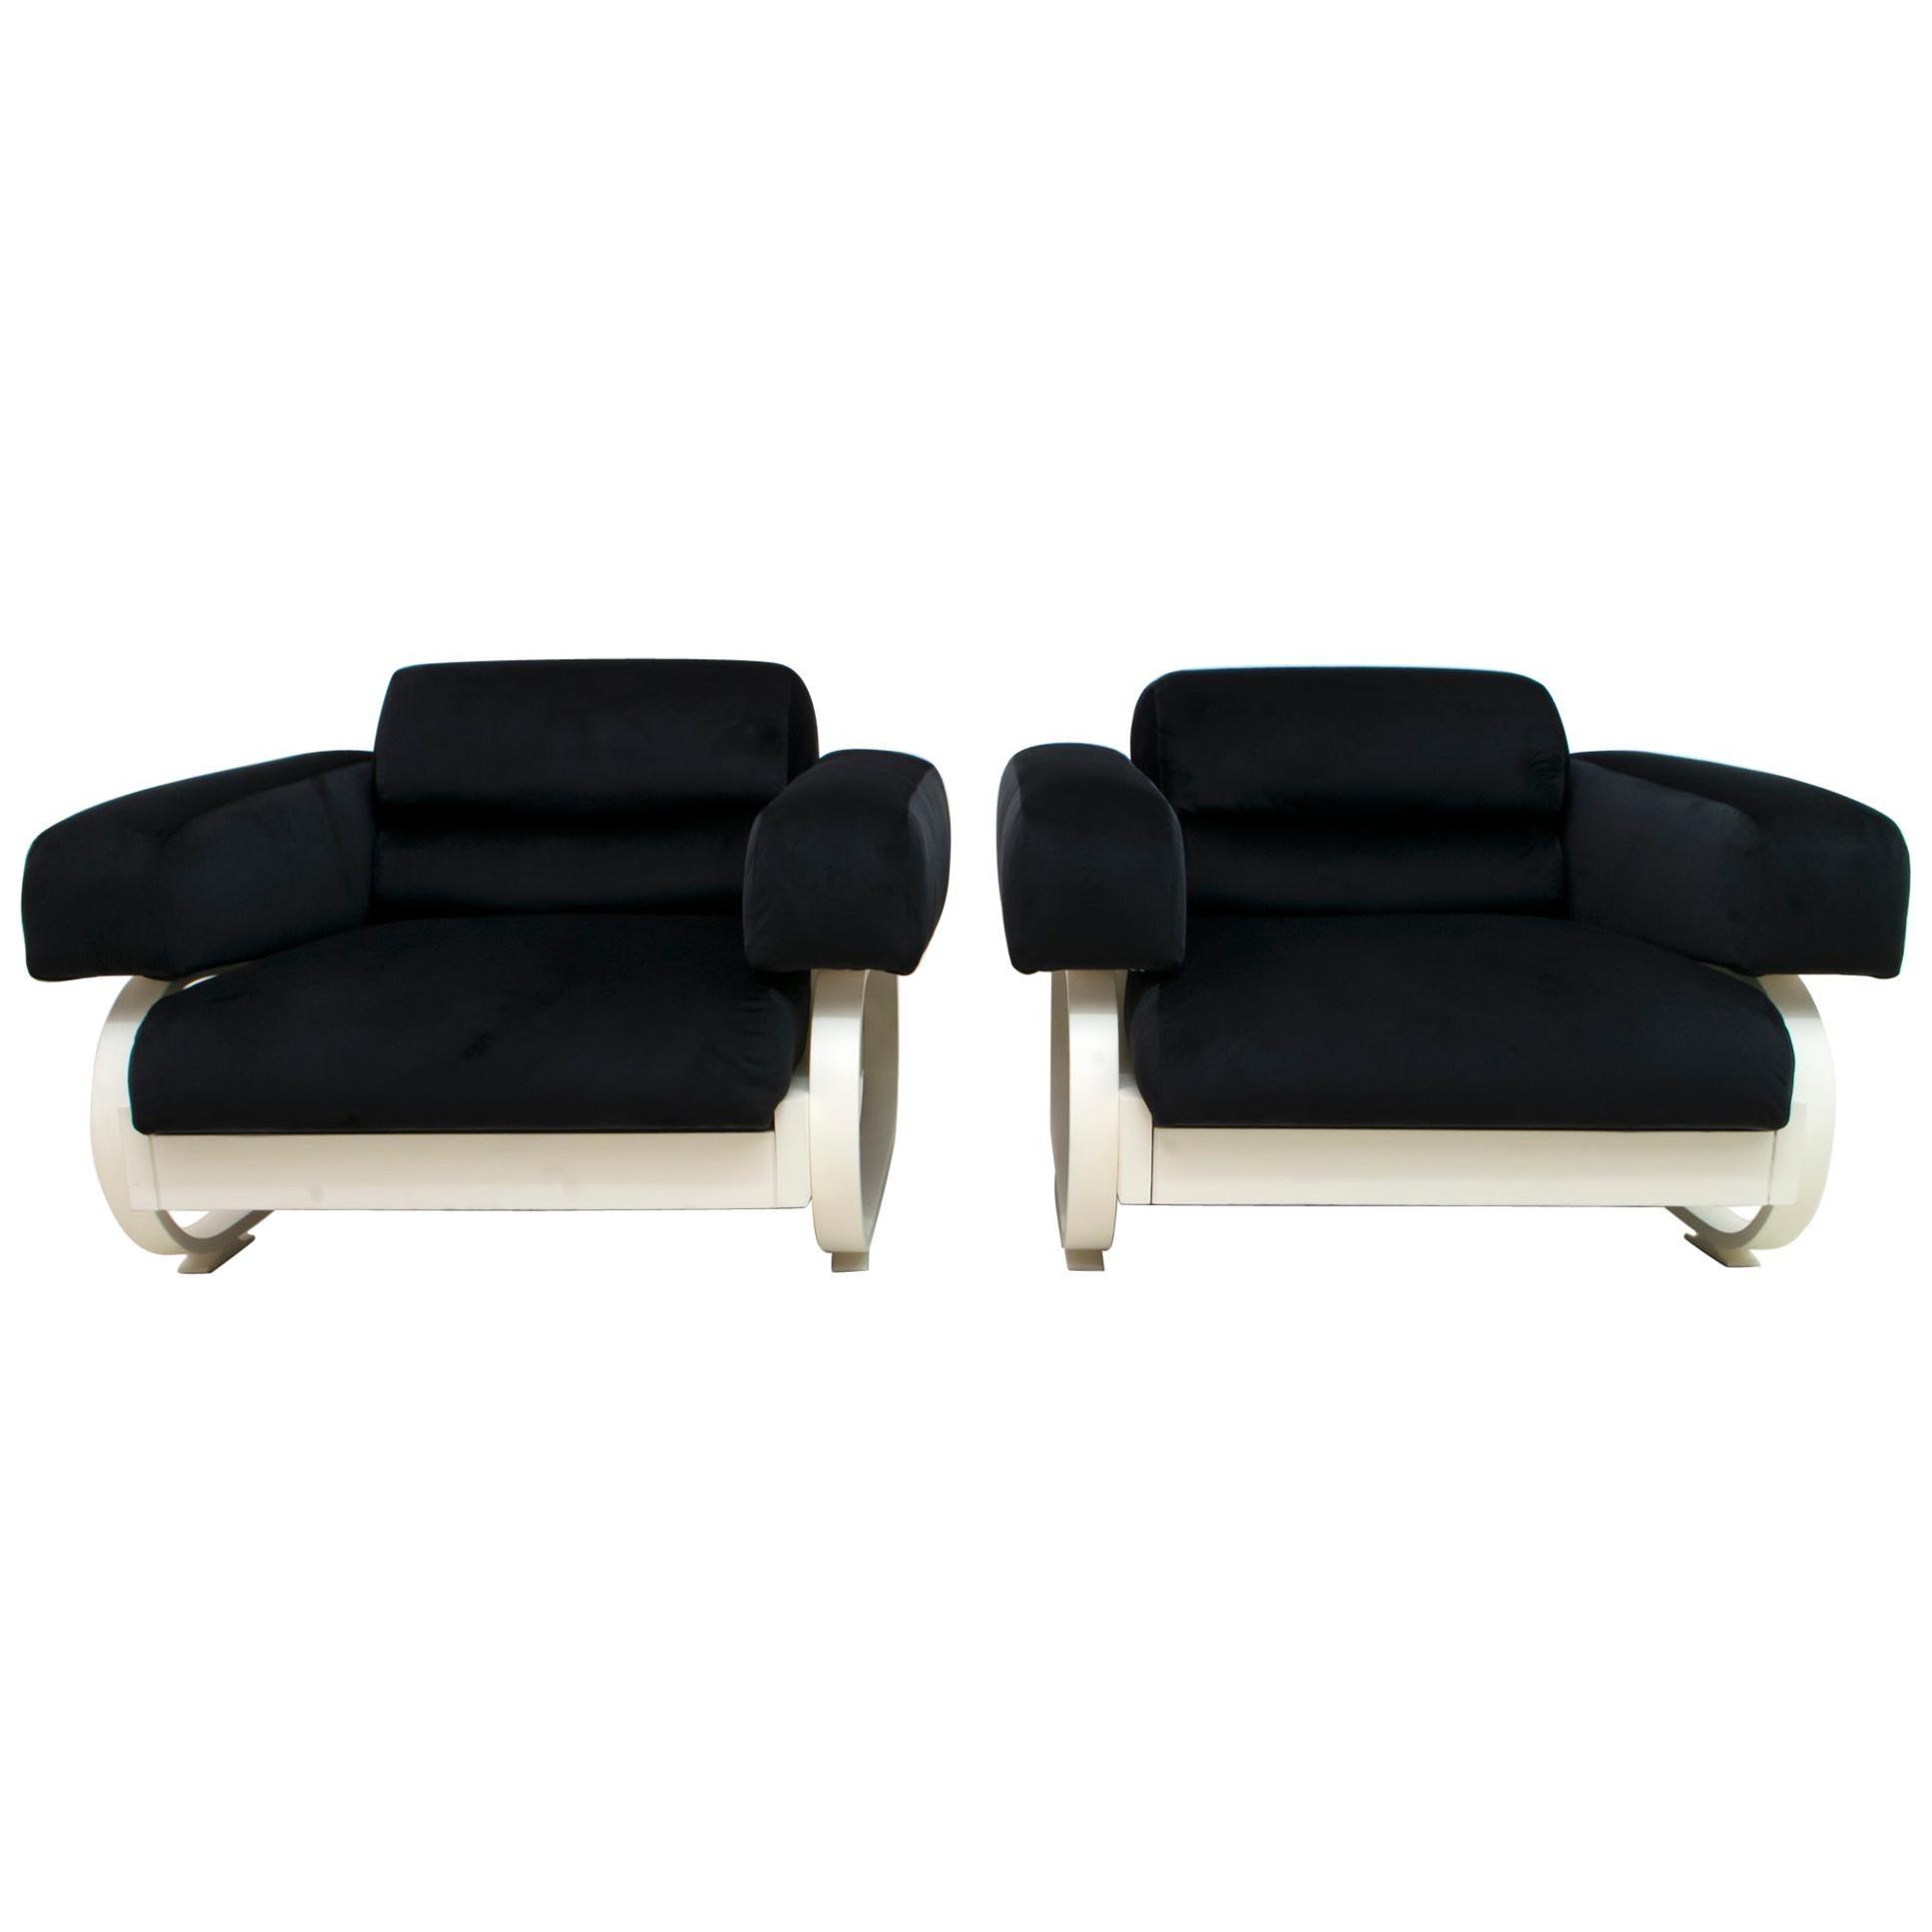 Pair of Mid-Century Modern Italian Velvet Armchairs, 1960s